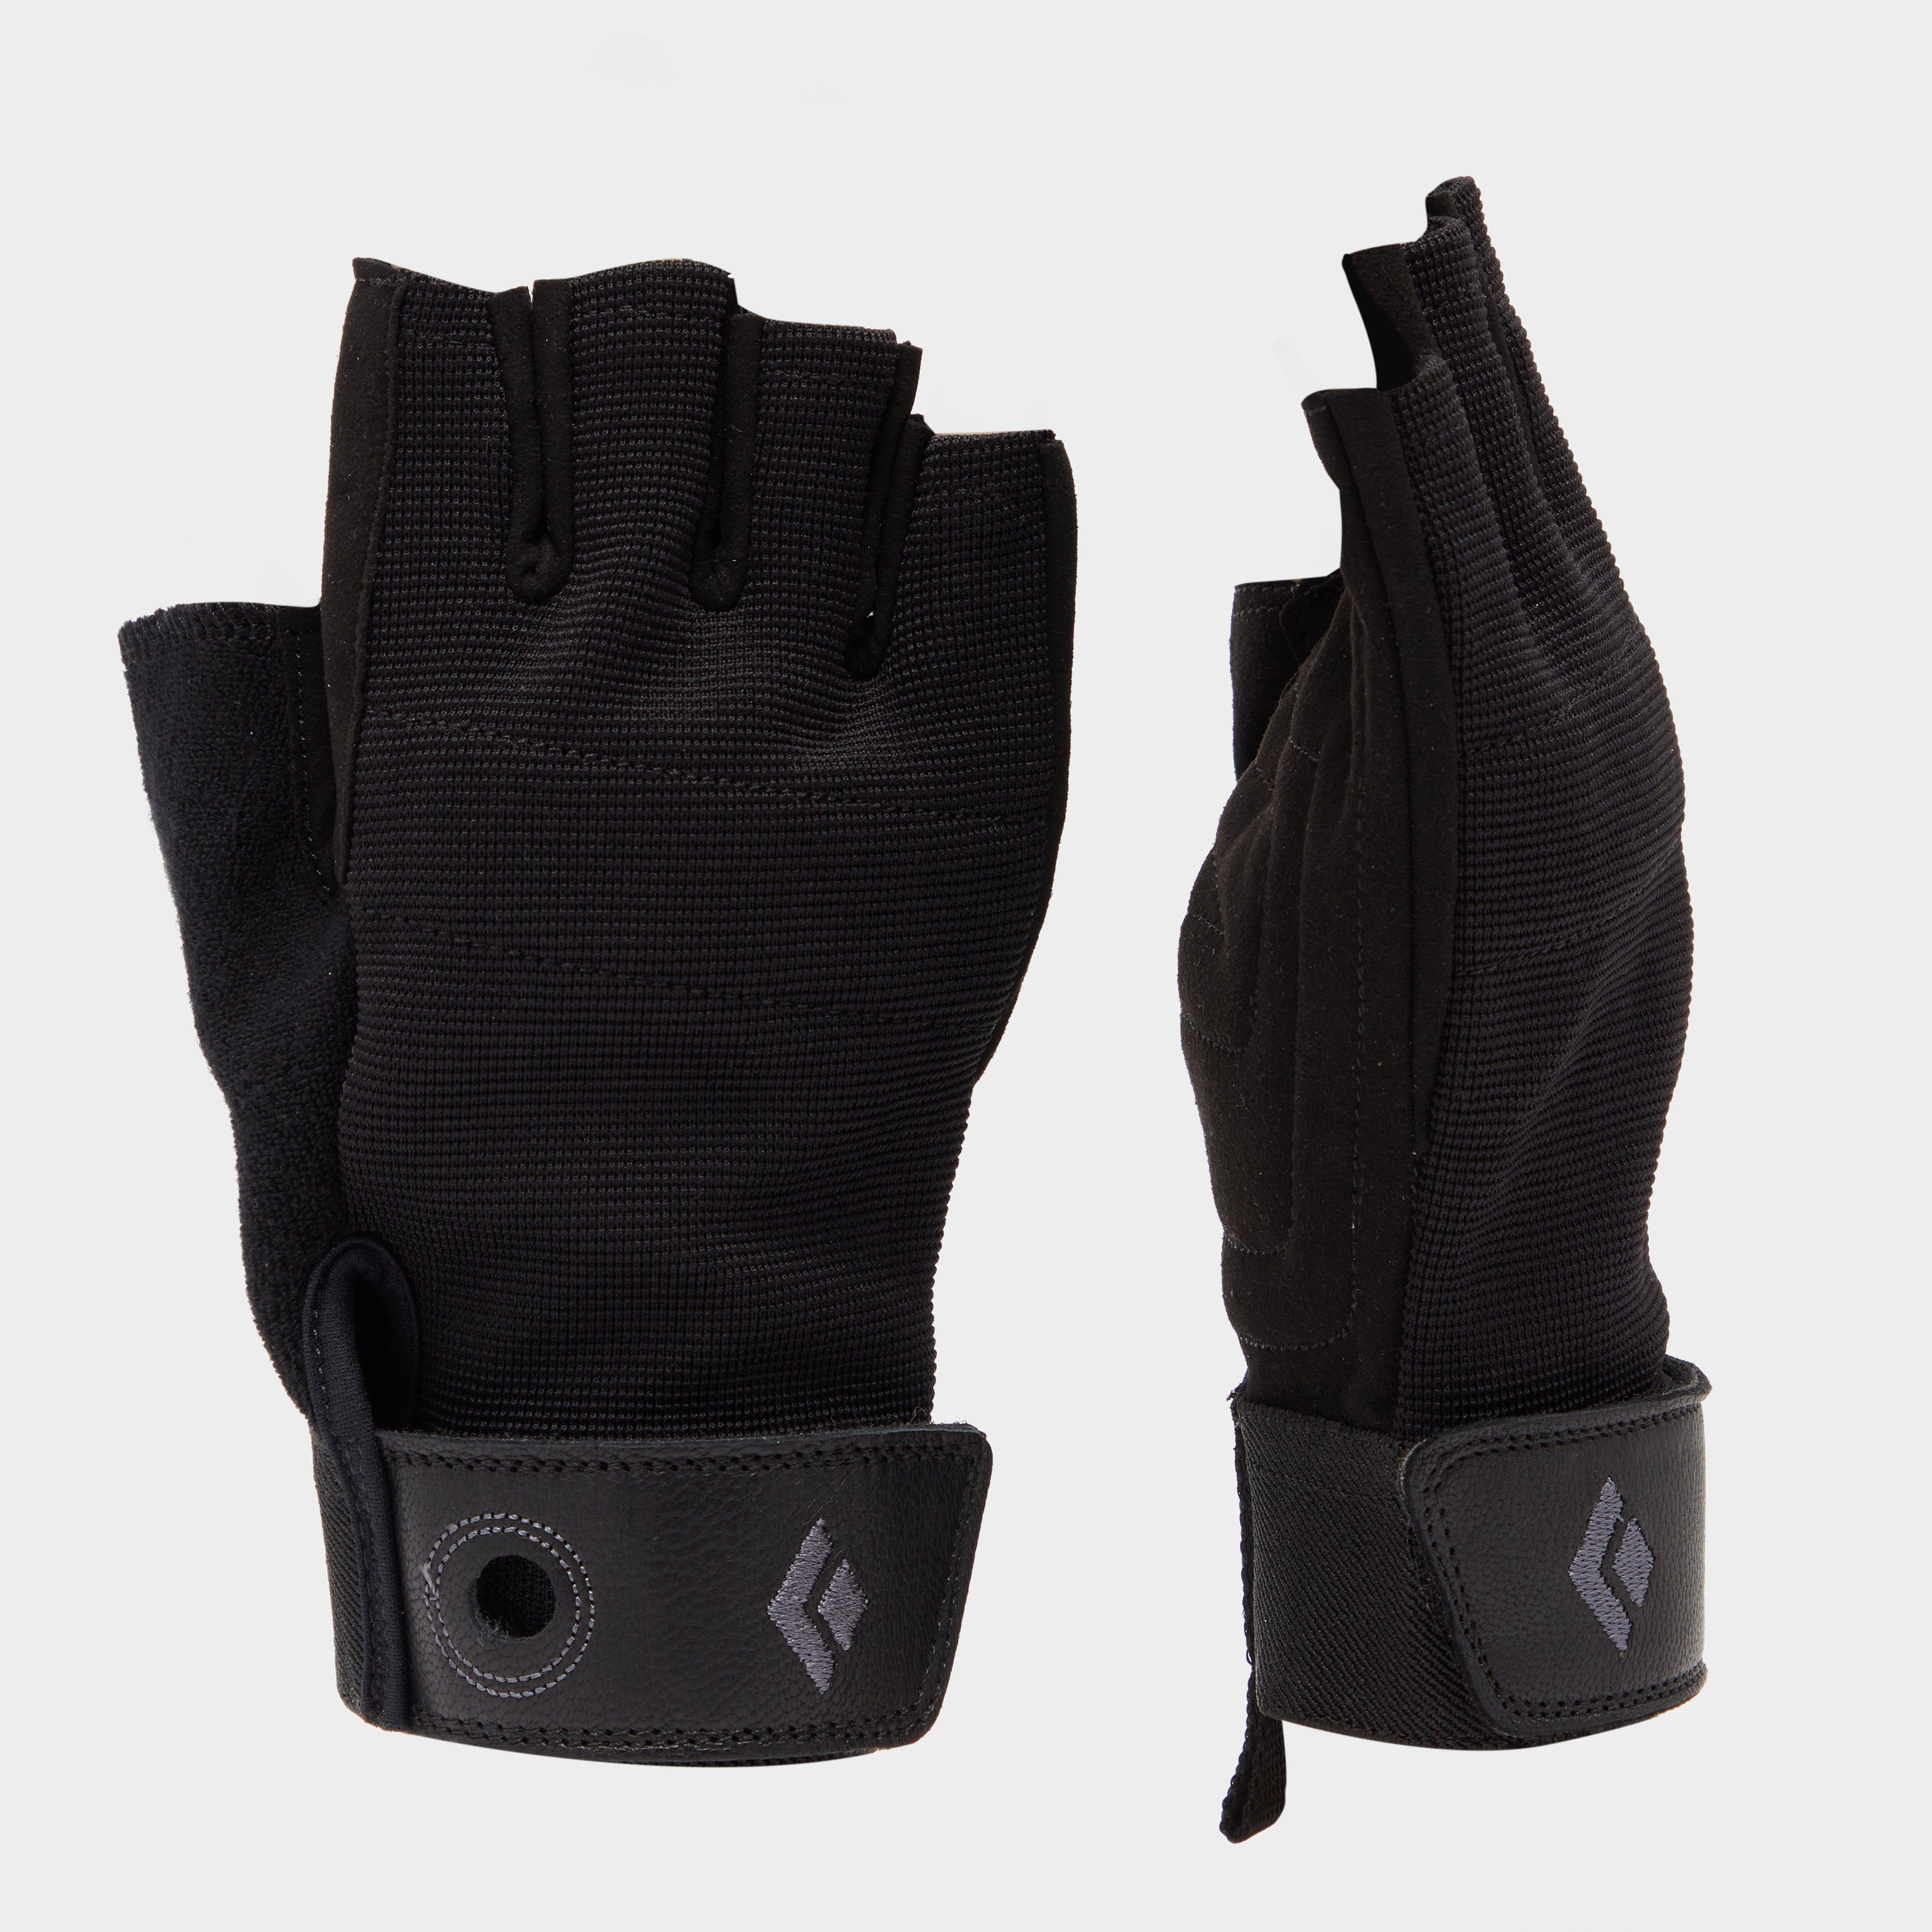 Black Diamond Crag Half Finger - Glove/glove  Glove/glove